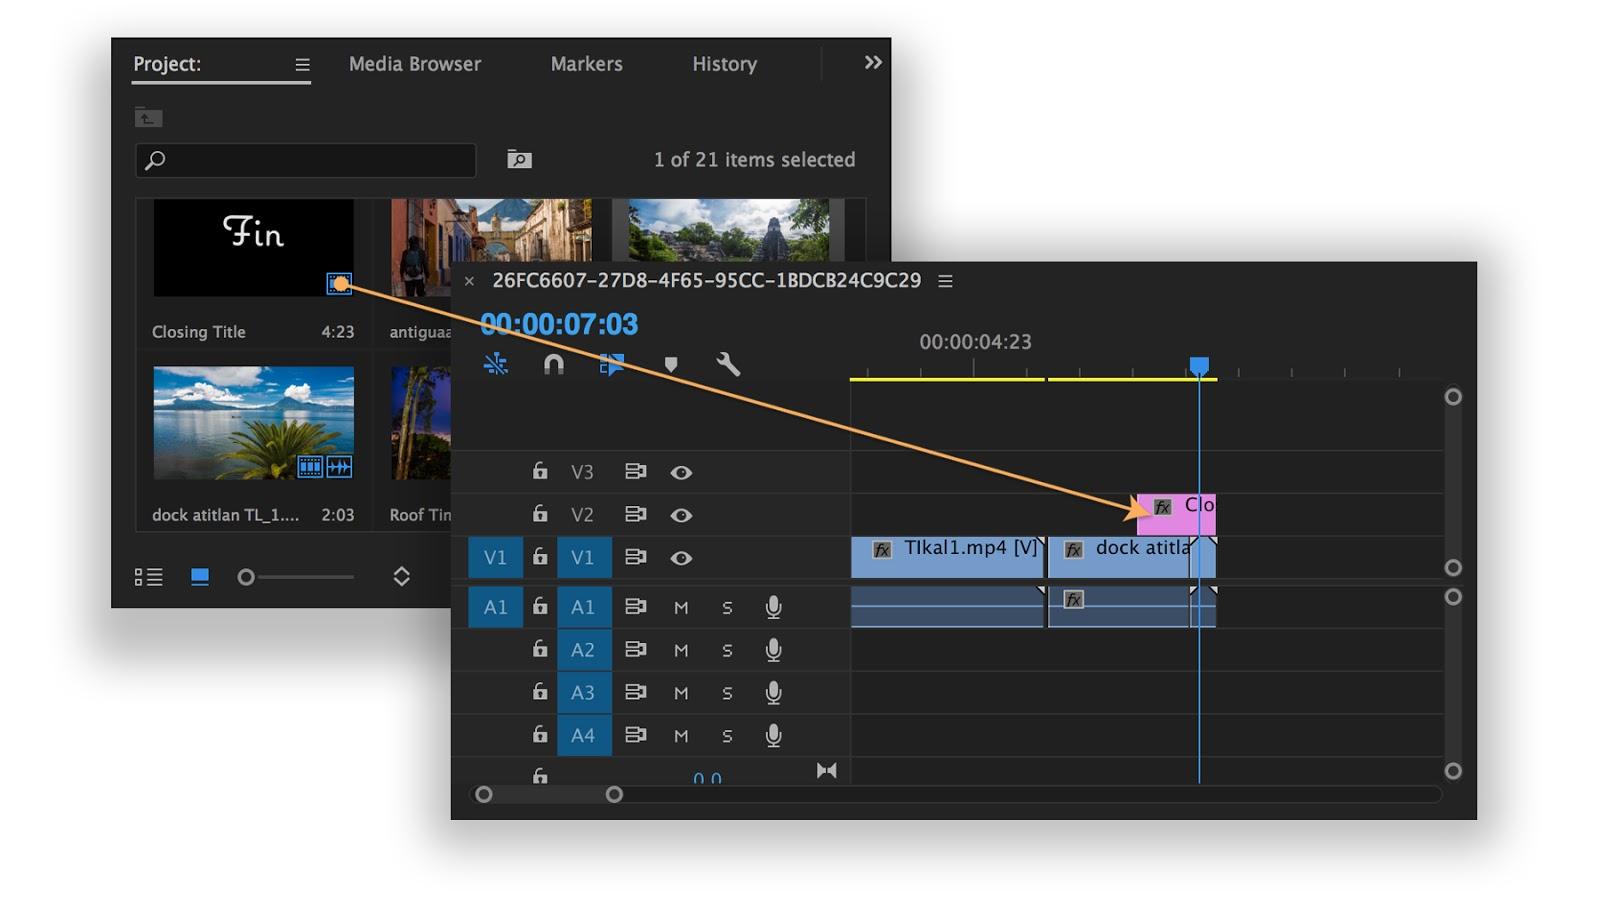 Bổ sung clip tiêu đề cho chuỗi video của bạn